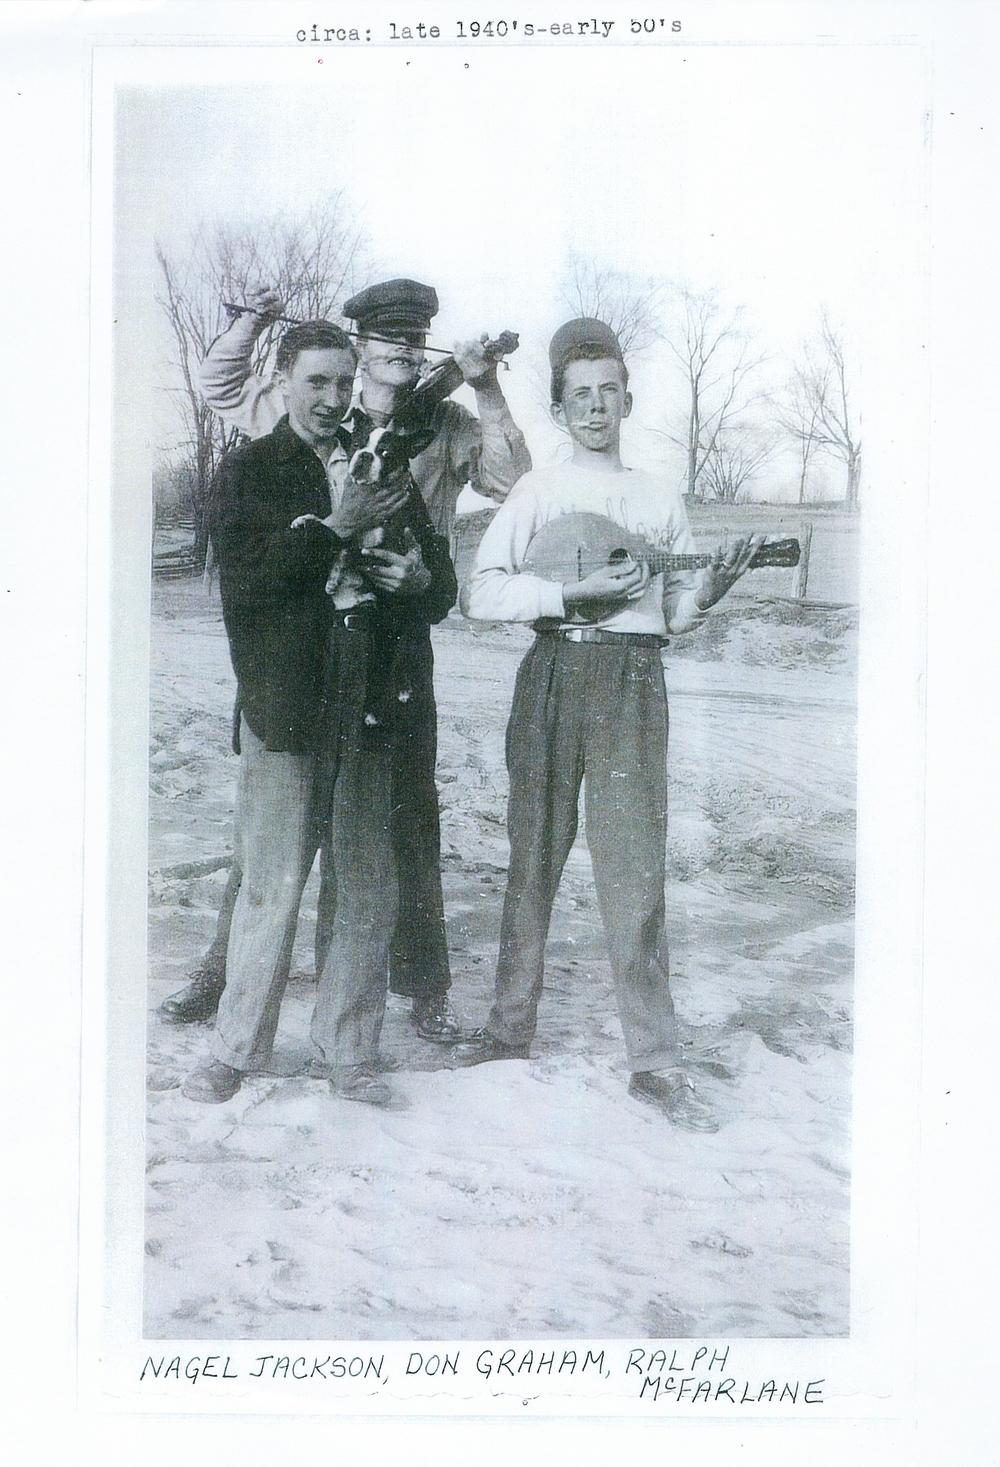 Cordova Nagel Jackson, Don Graham & Ralph McFarlane 1940-50.jpg